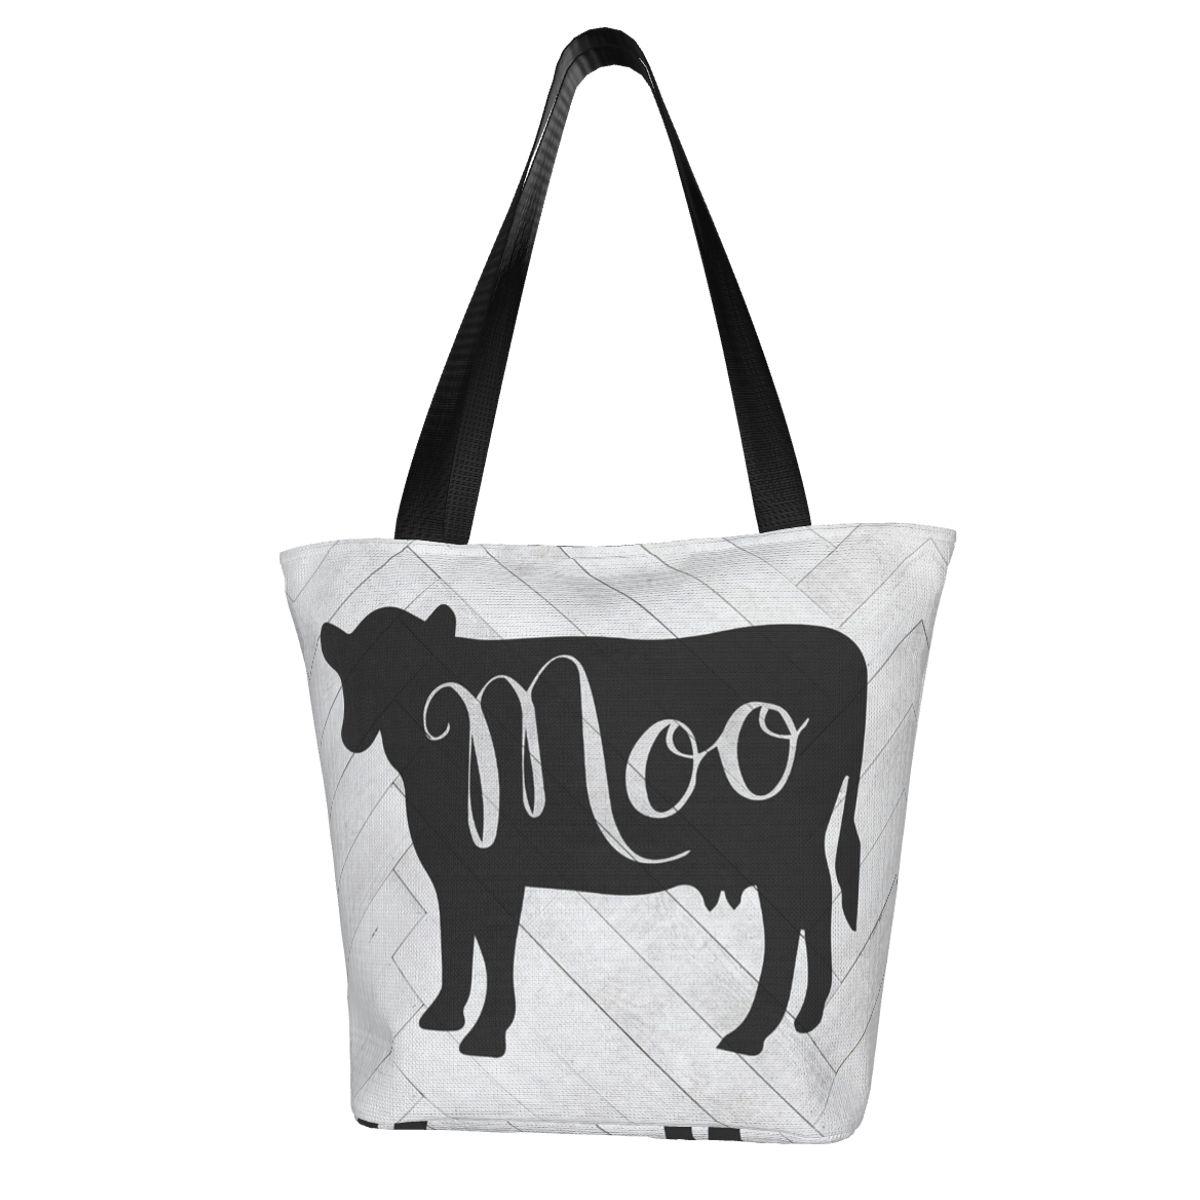 Корова хозяйственная сумка оптом ретро сумка полиэстер путешествия женские сумки